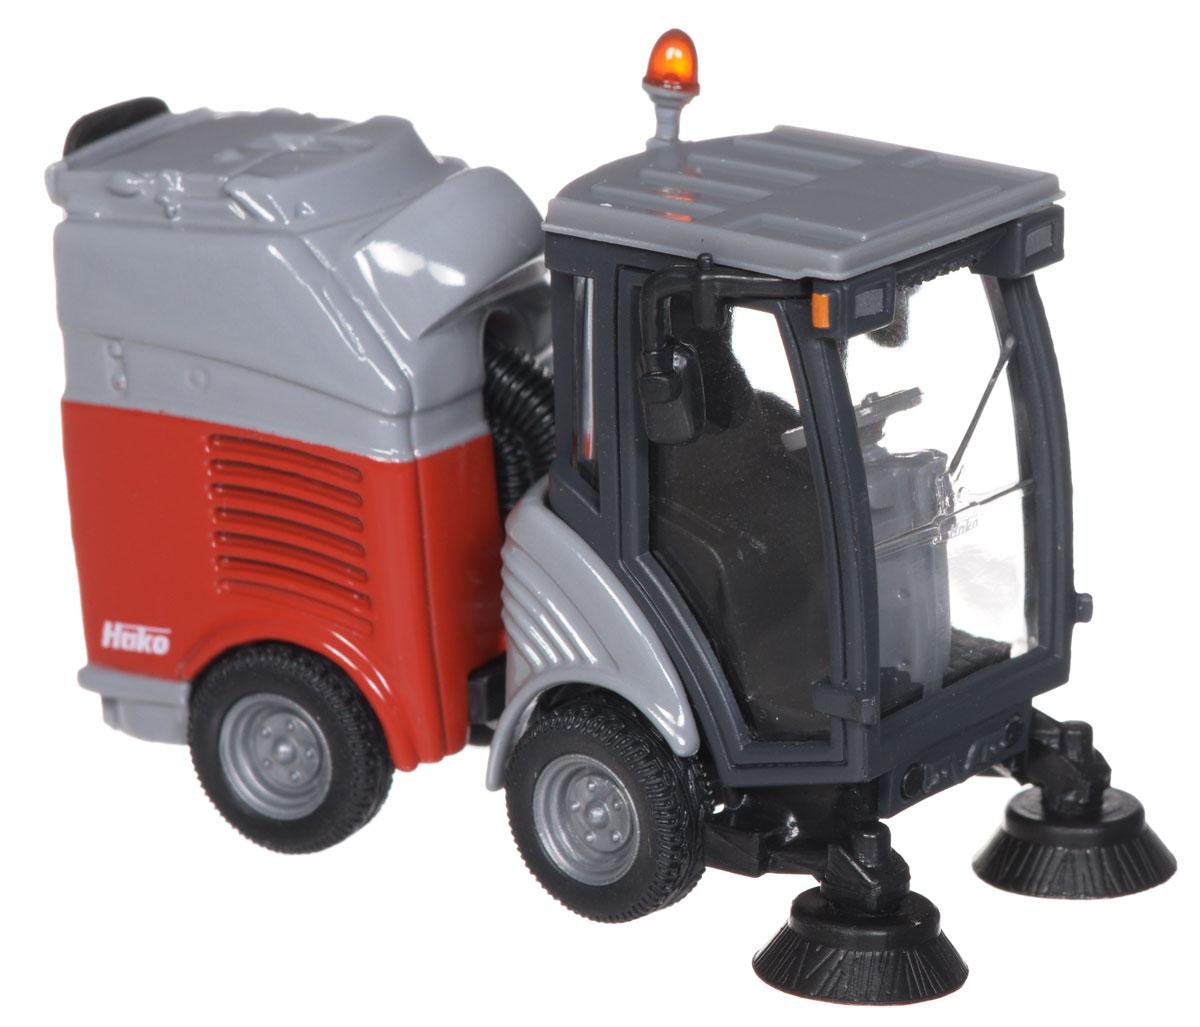 Siku Моющая машина2936Модель Siku Моющая машина представляет собой реалистичную модель техники, выполненную в мельчайших подробностях. Кабина и прицеп машинки изготовлены из металла, стекла - из прозрачного пластика. Колеса выполнены из резины и свободно крутятся. В прицепе машинки имеется выдвигающийся пластиковый контейнер с крышкой. Коллекционная модель Моющая машина станет украшением любой коллекции, или отличным подарком для ребенка.